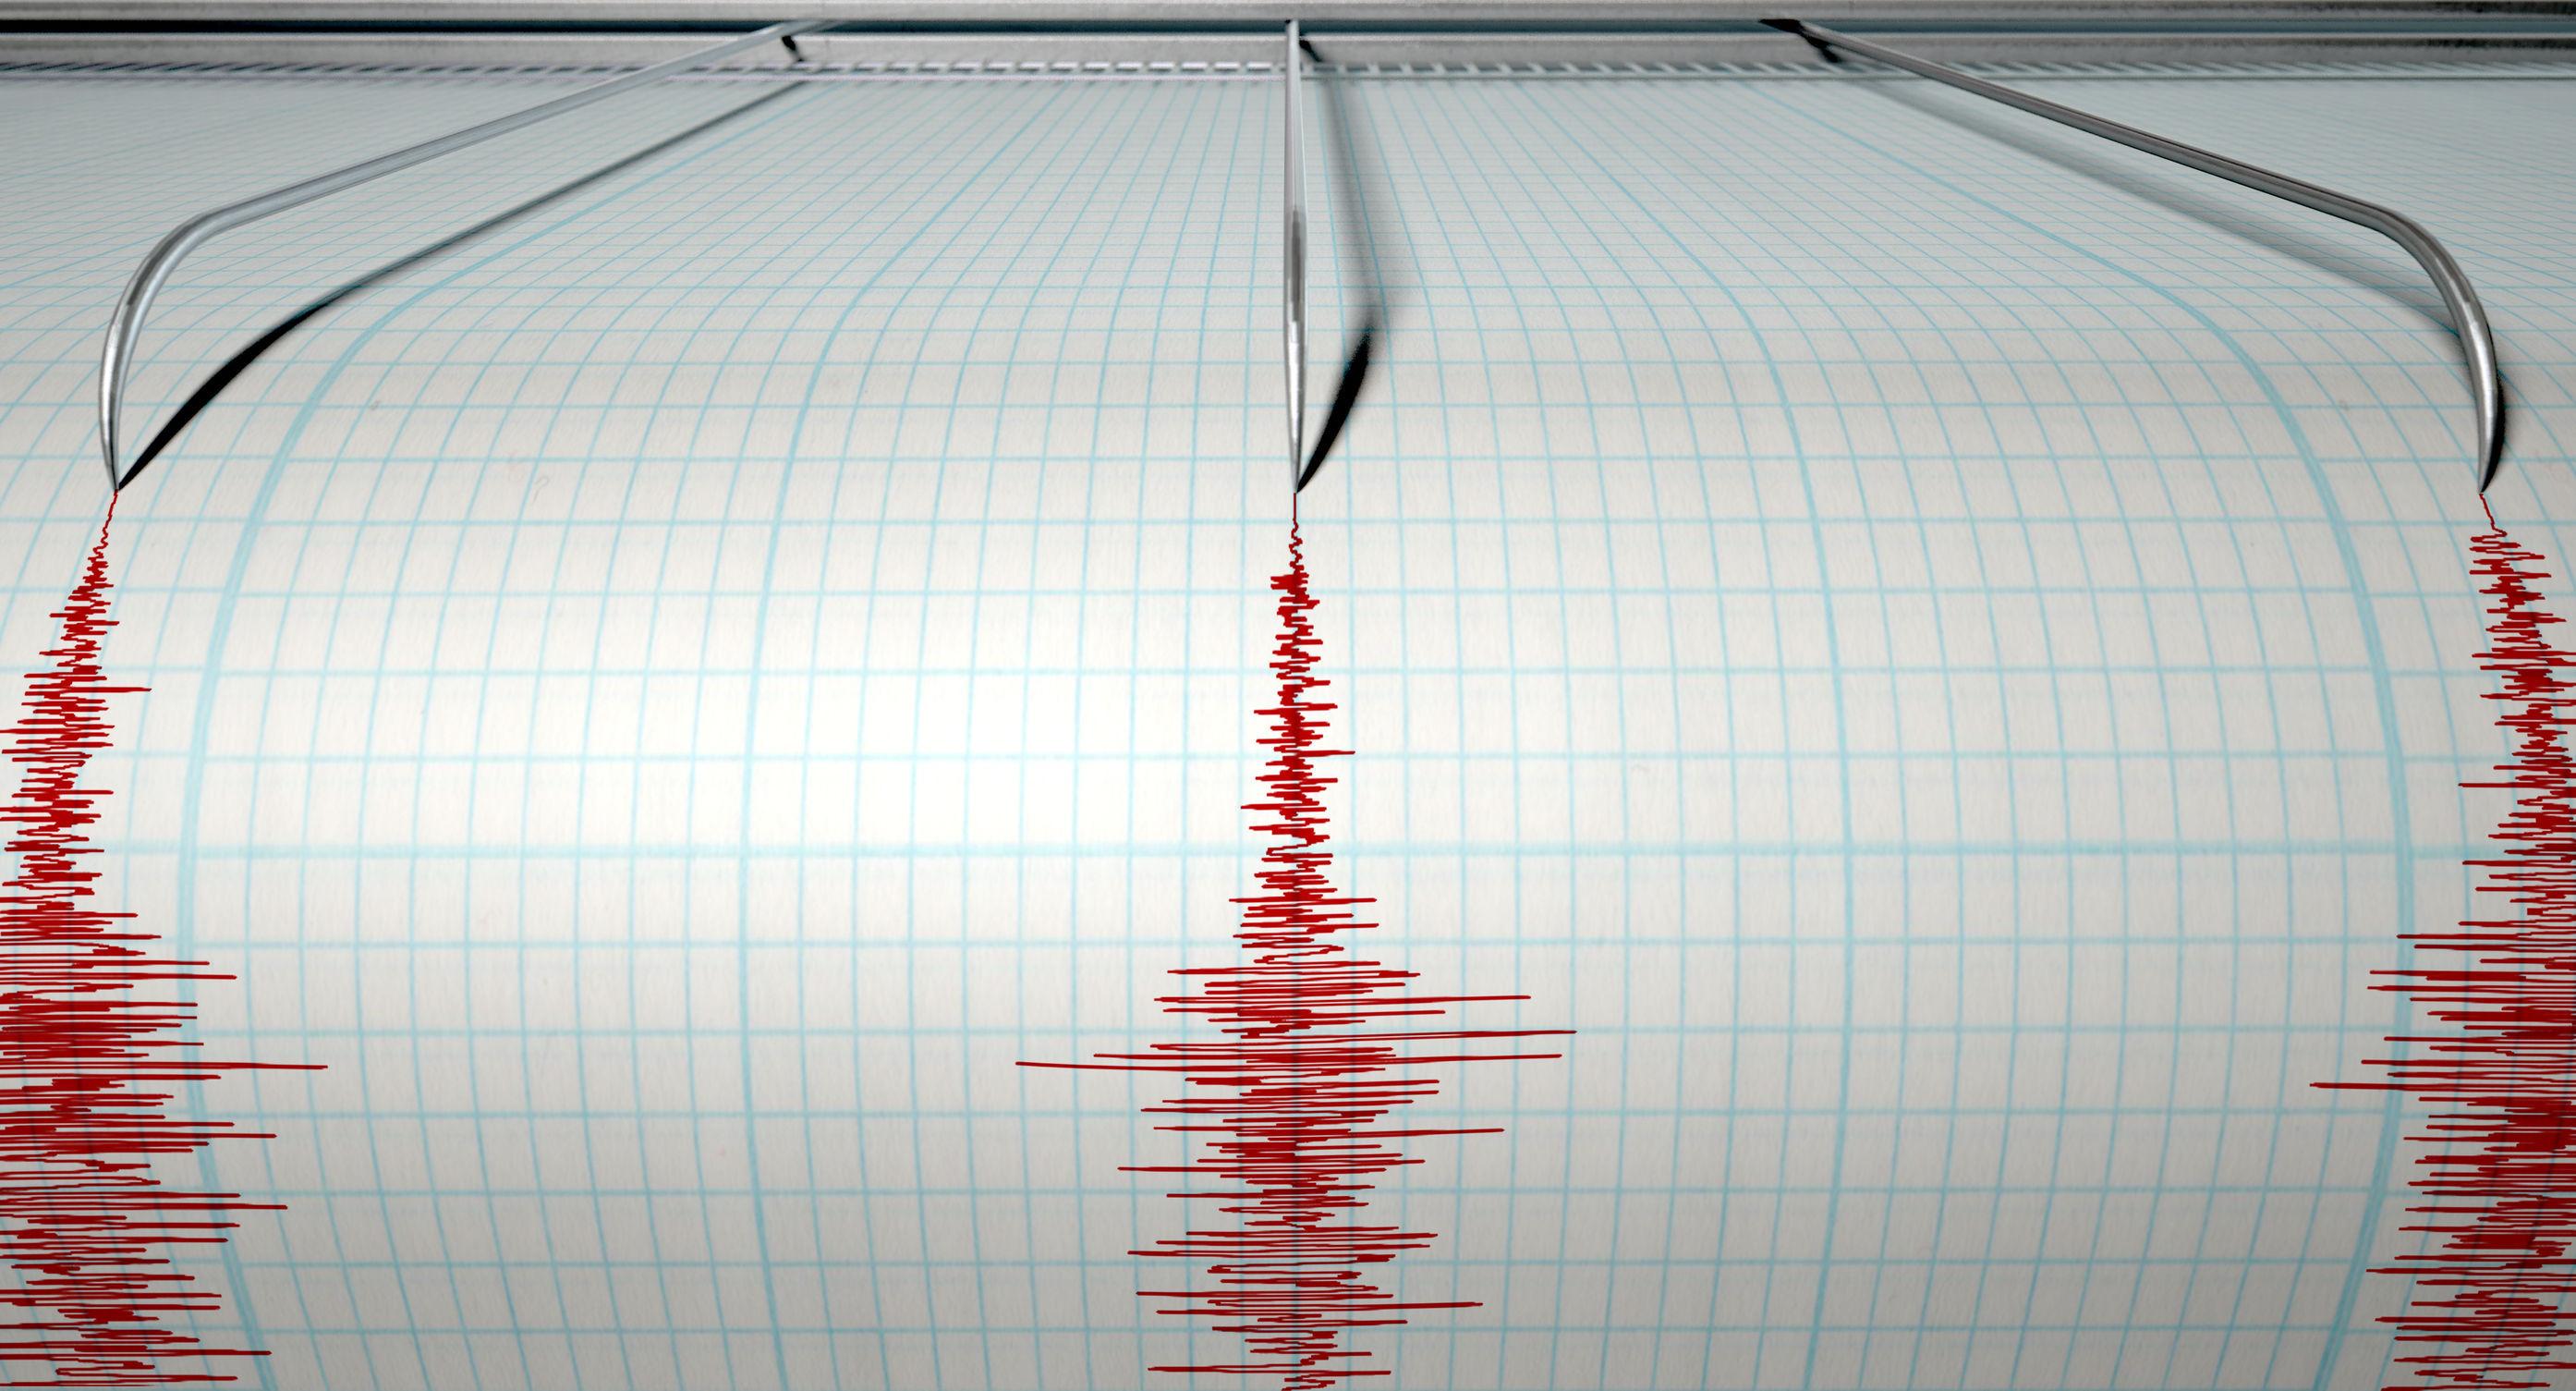 Două cutremure cu magnitudini de 2,6 şi 2,8 s-au produs în judeţele Buzău şi Vrancea